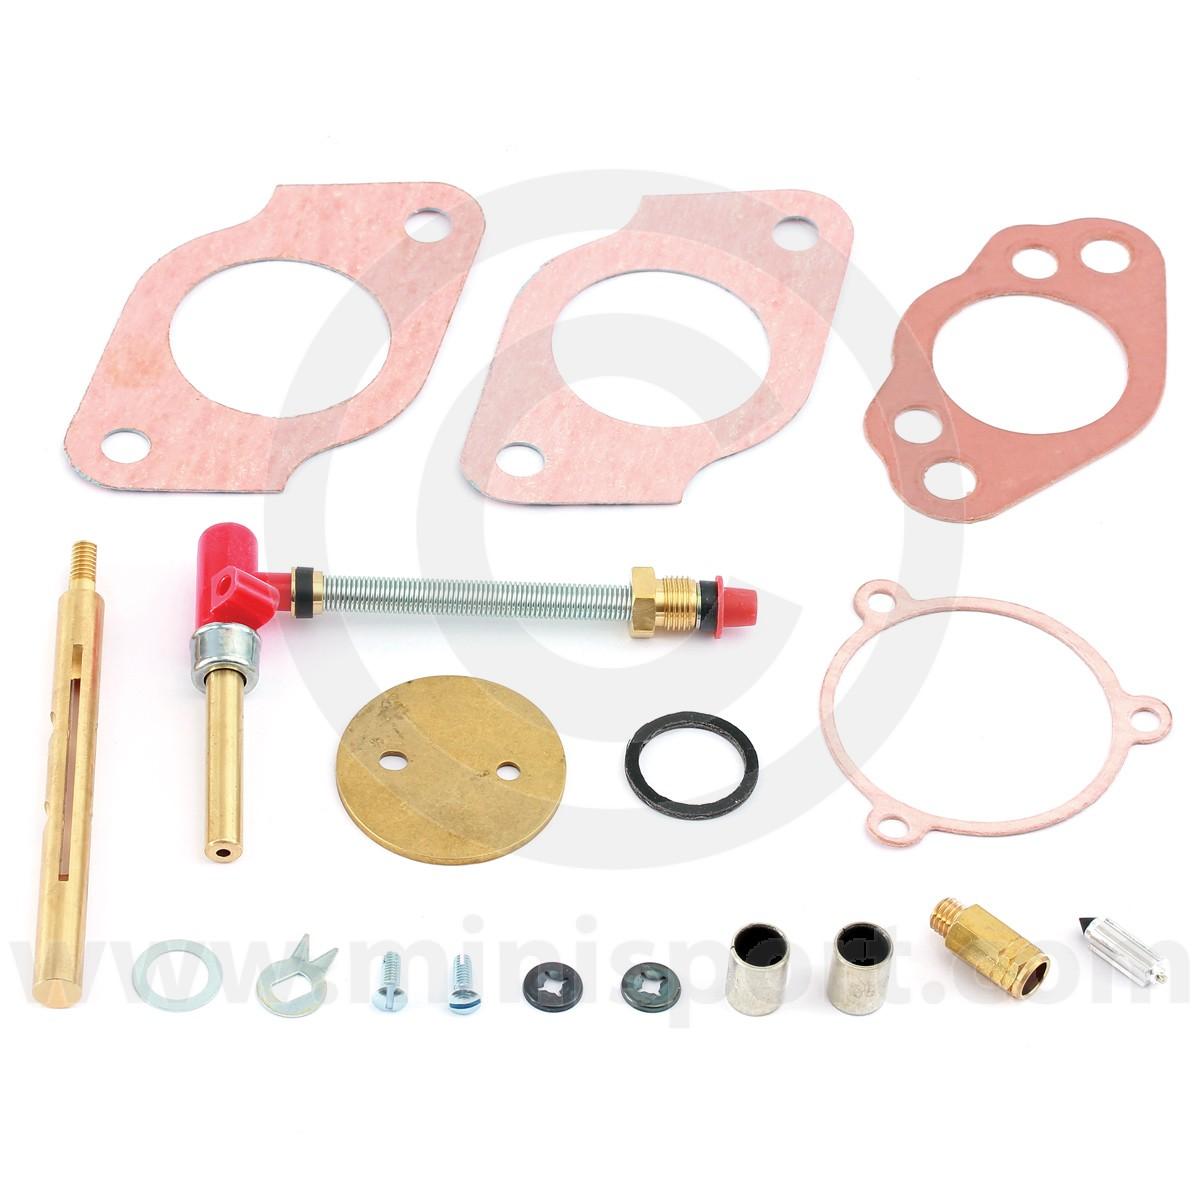 Crk251 Mini Carb Rebuild Kit Su Carburettor Wiring Harness Overhaul More Views